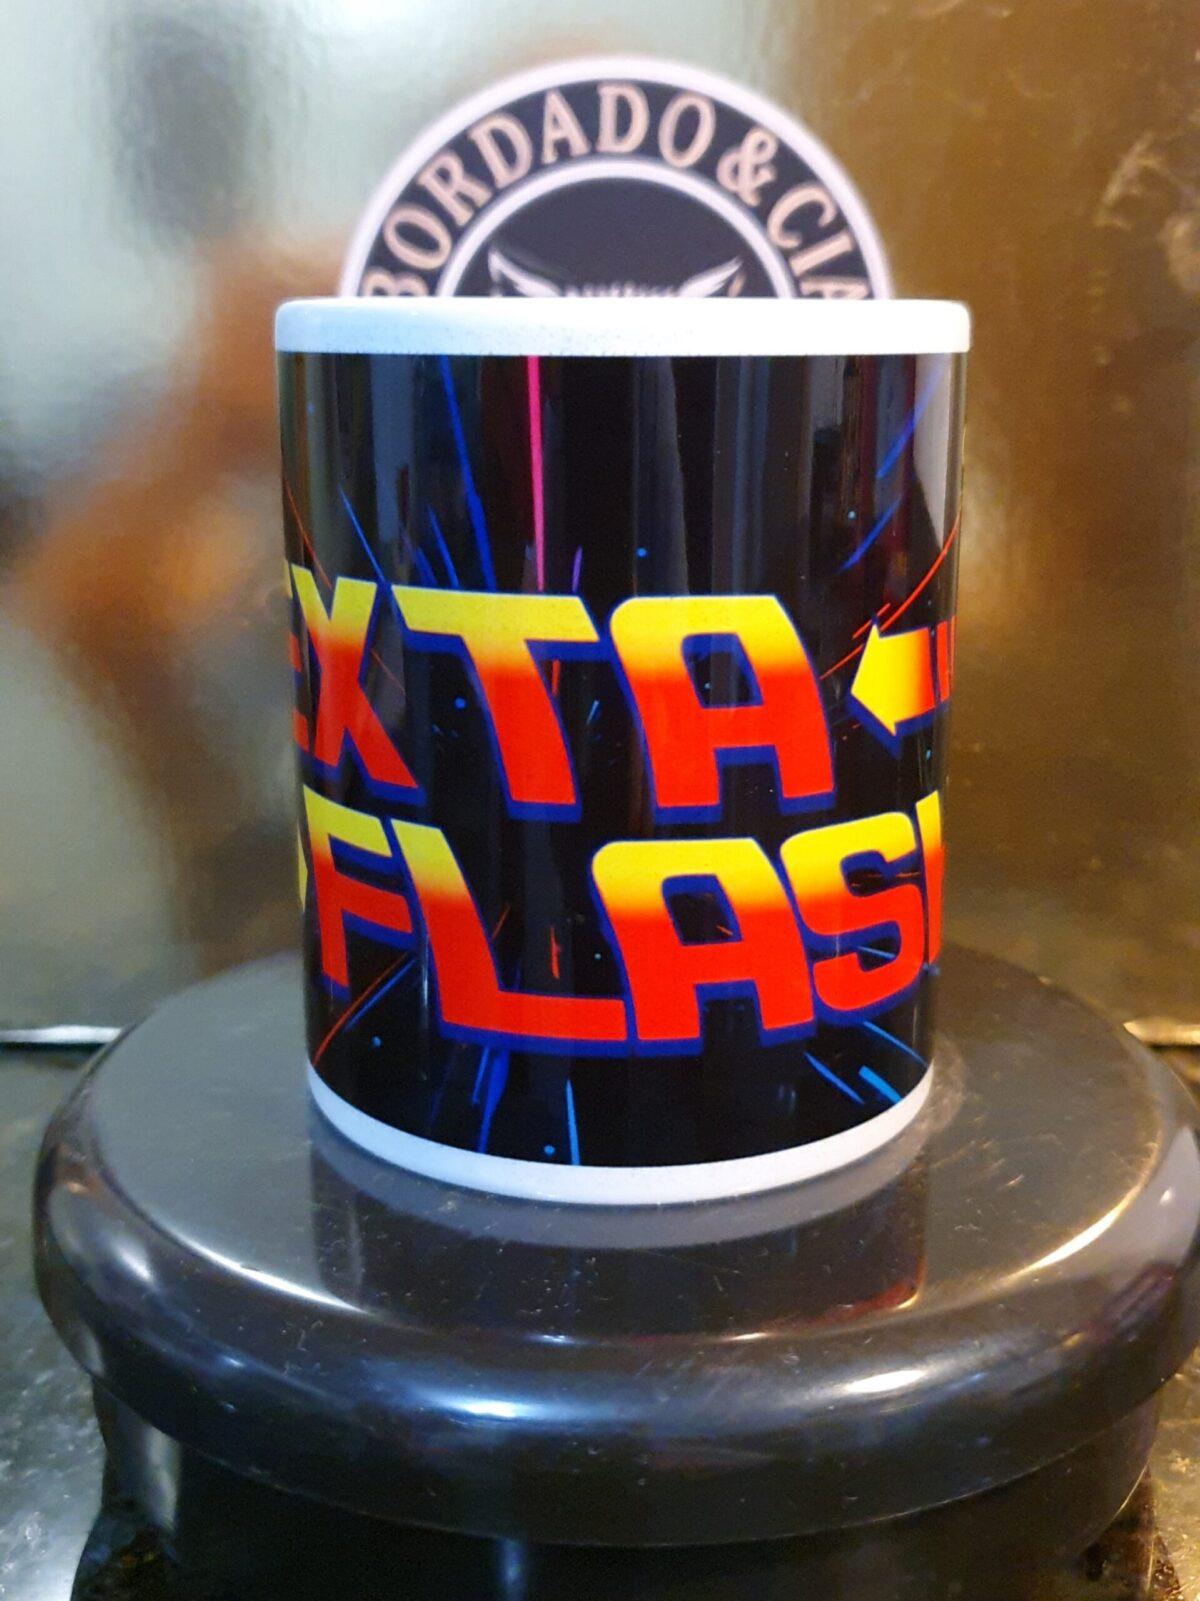 Caneca Oficial da Sexta Flash - Canal DJ - by Bordado & Cia - @bordado.cia @canaldj @sexta.flash